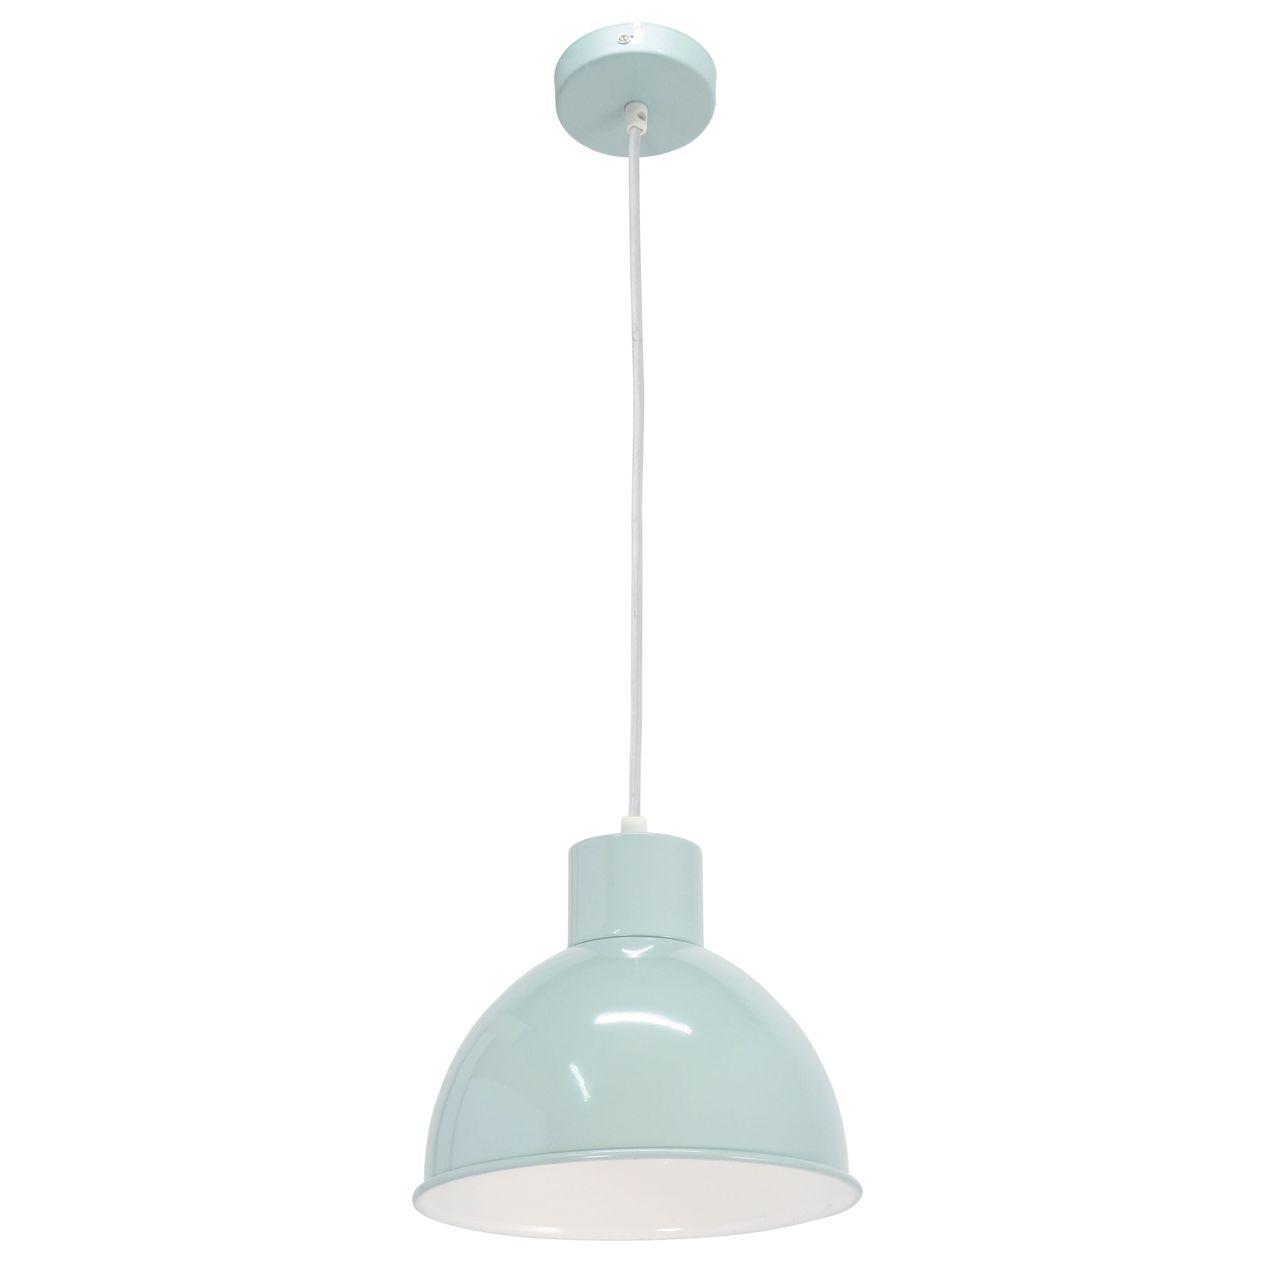 Подвесной светильник Eglo Vintage 49239 подвесной светильник eglo vintage 49239